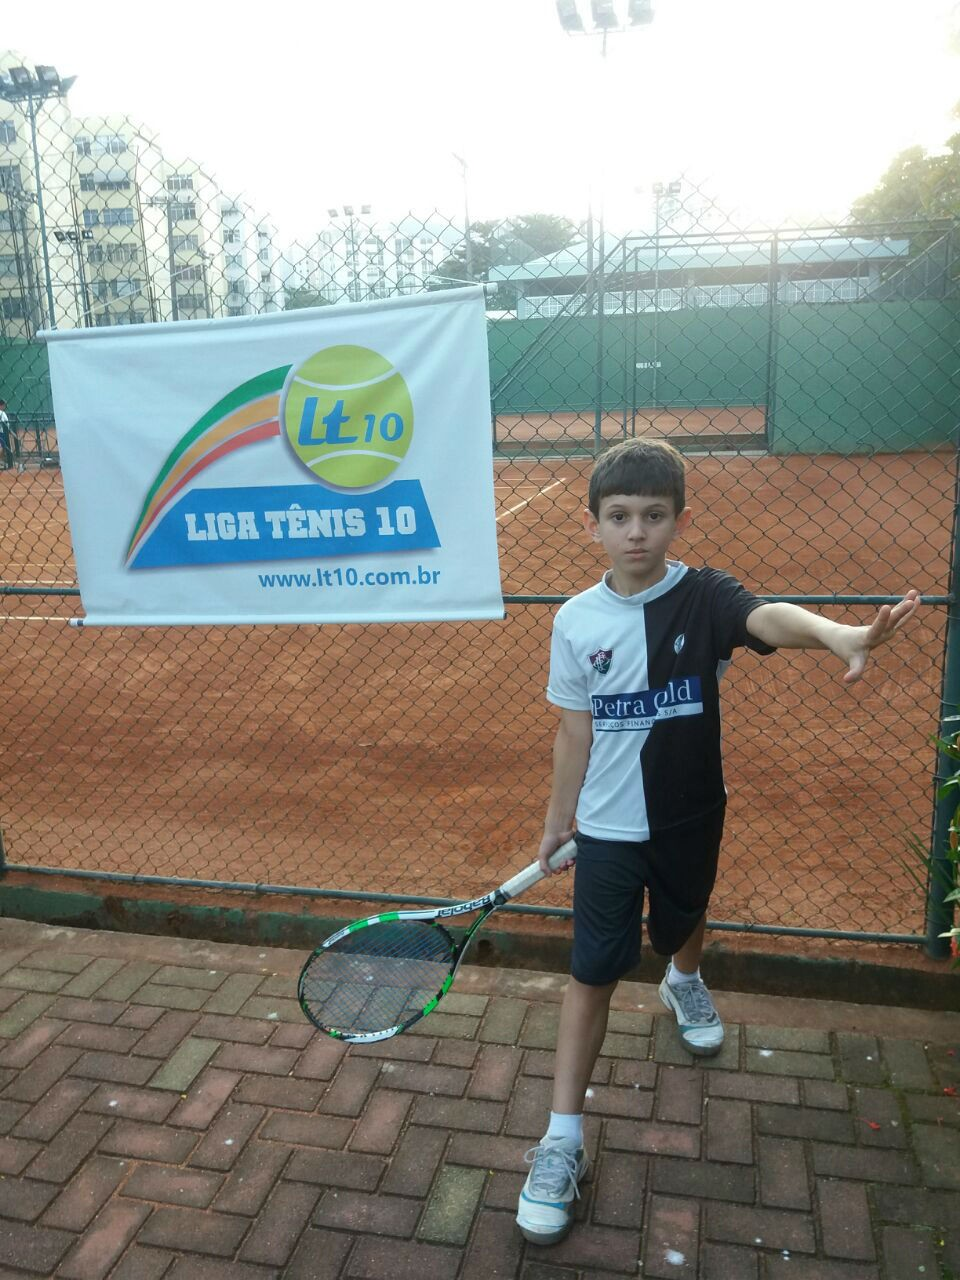 51ad9a7b7d Alunos de projetos sociais alcançam final da Liga Tênis 10